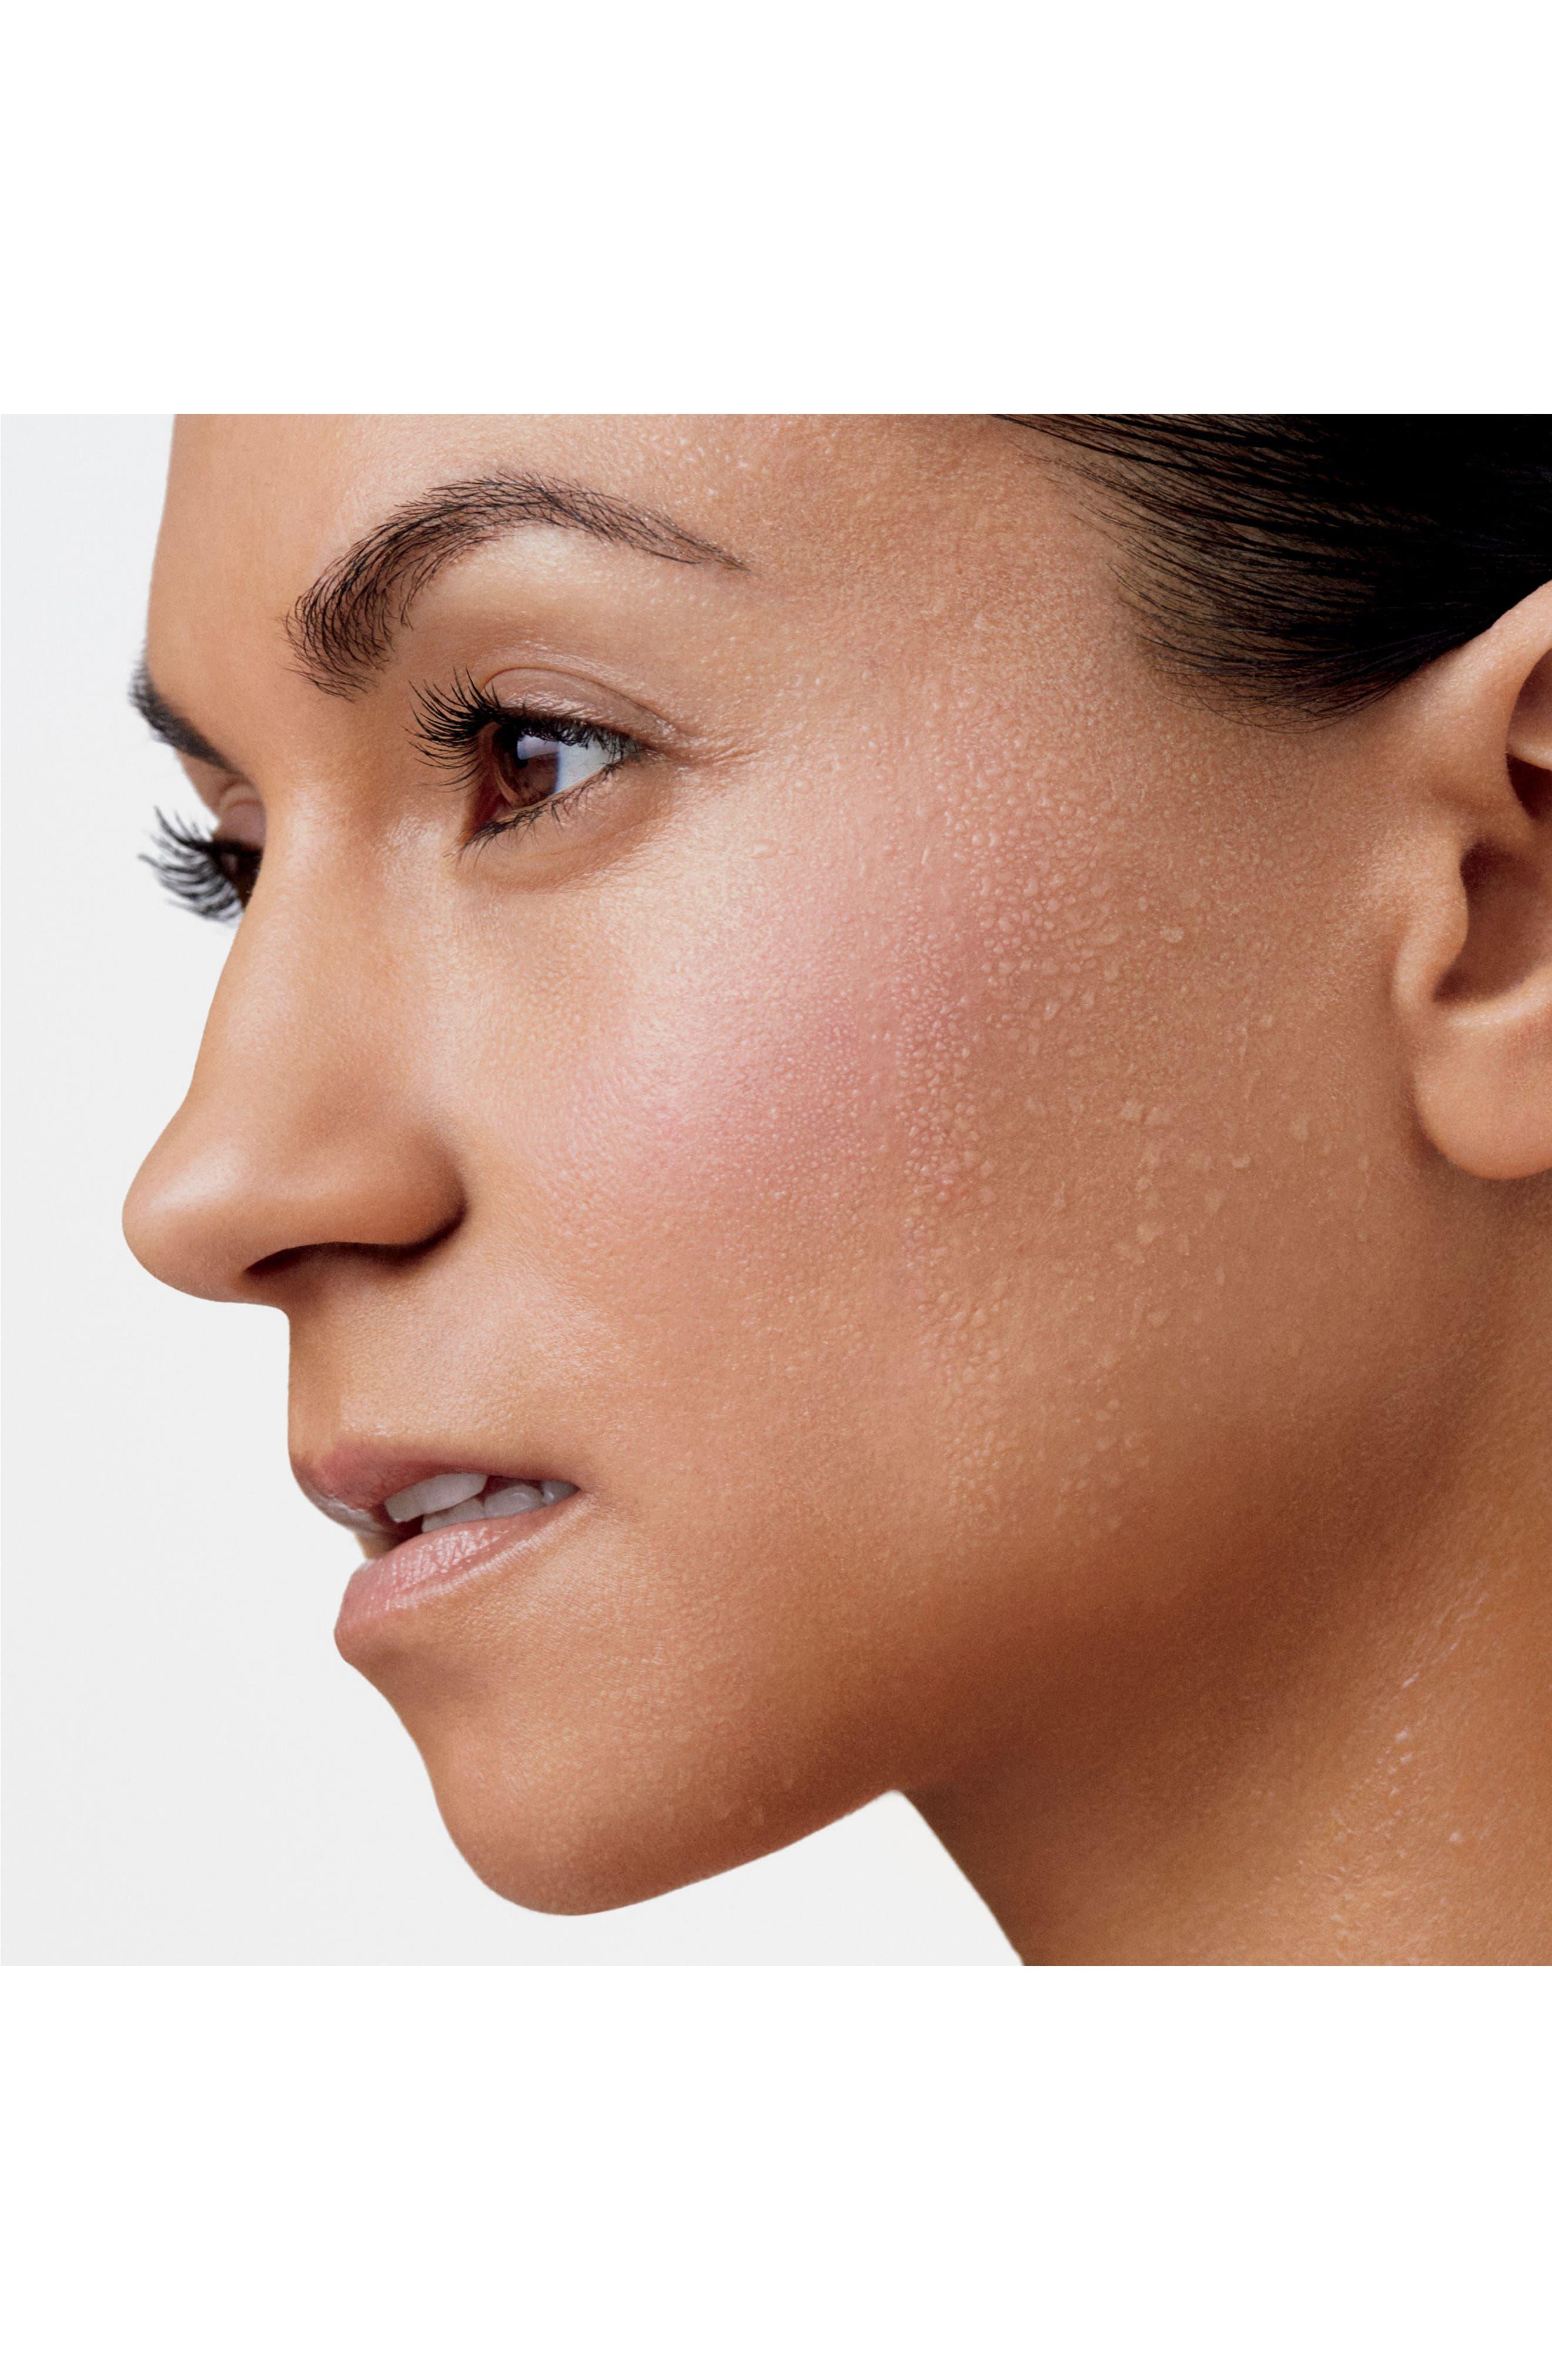 CliniqueFIT Workout Makeup SPF 40,                             Alternate thumbnail 4, color,                             05 Medium